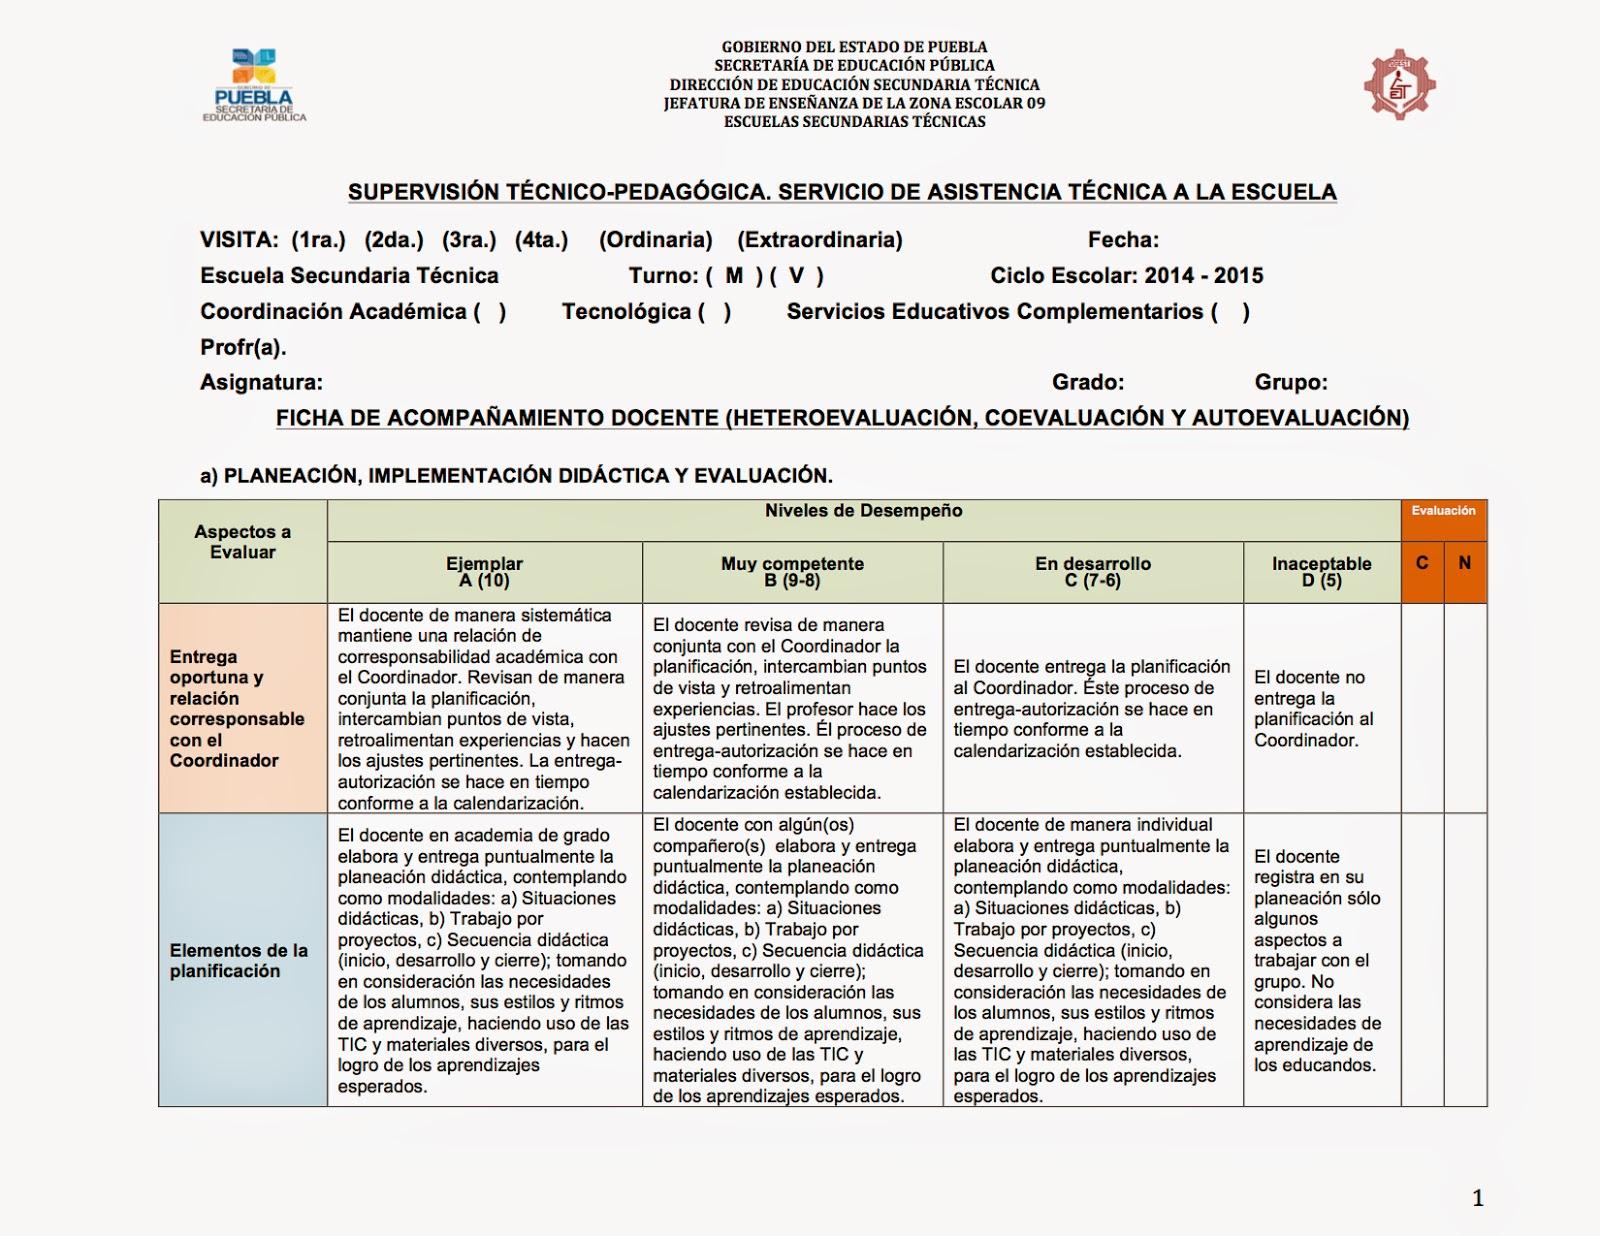 Jefe de Enseñanza Zona 09 Secundarias Técnicas: FICHA DE ...